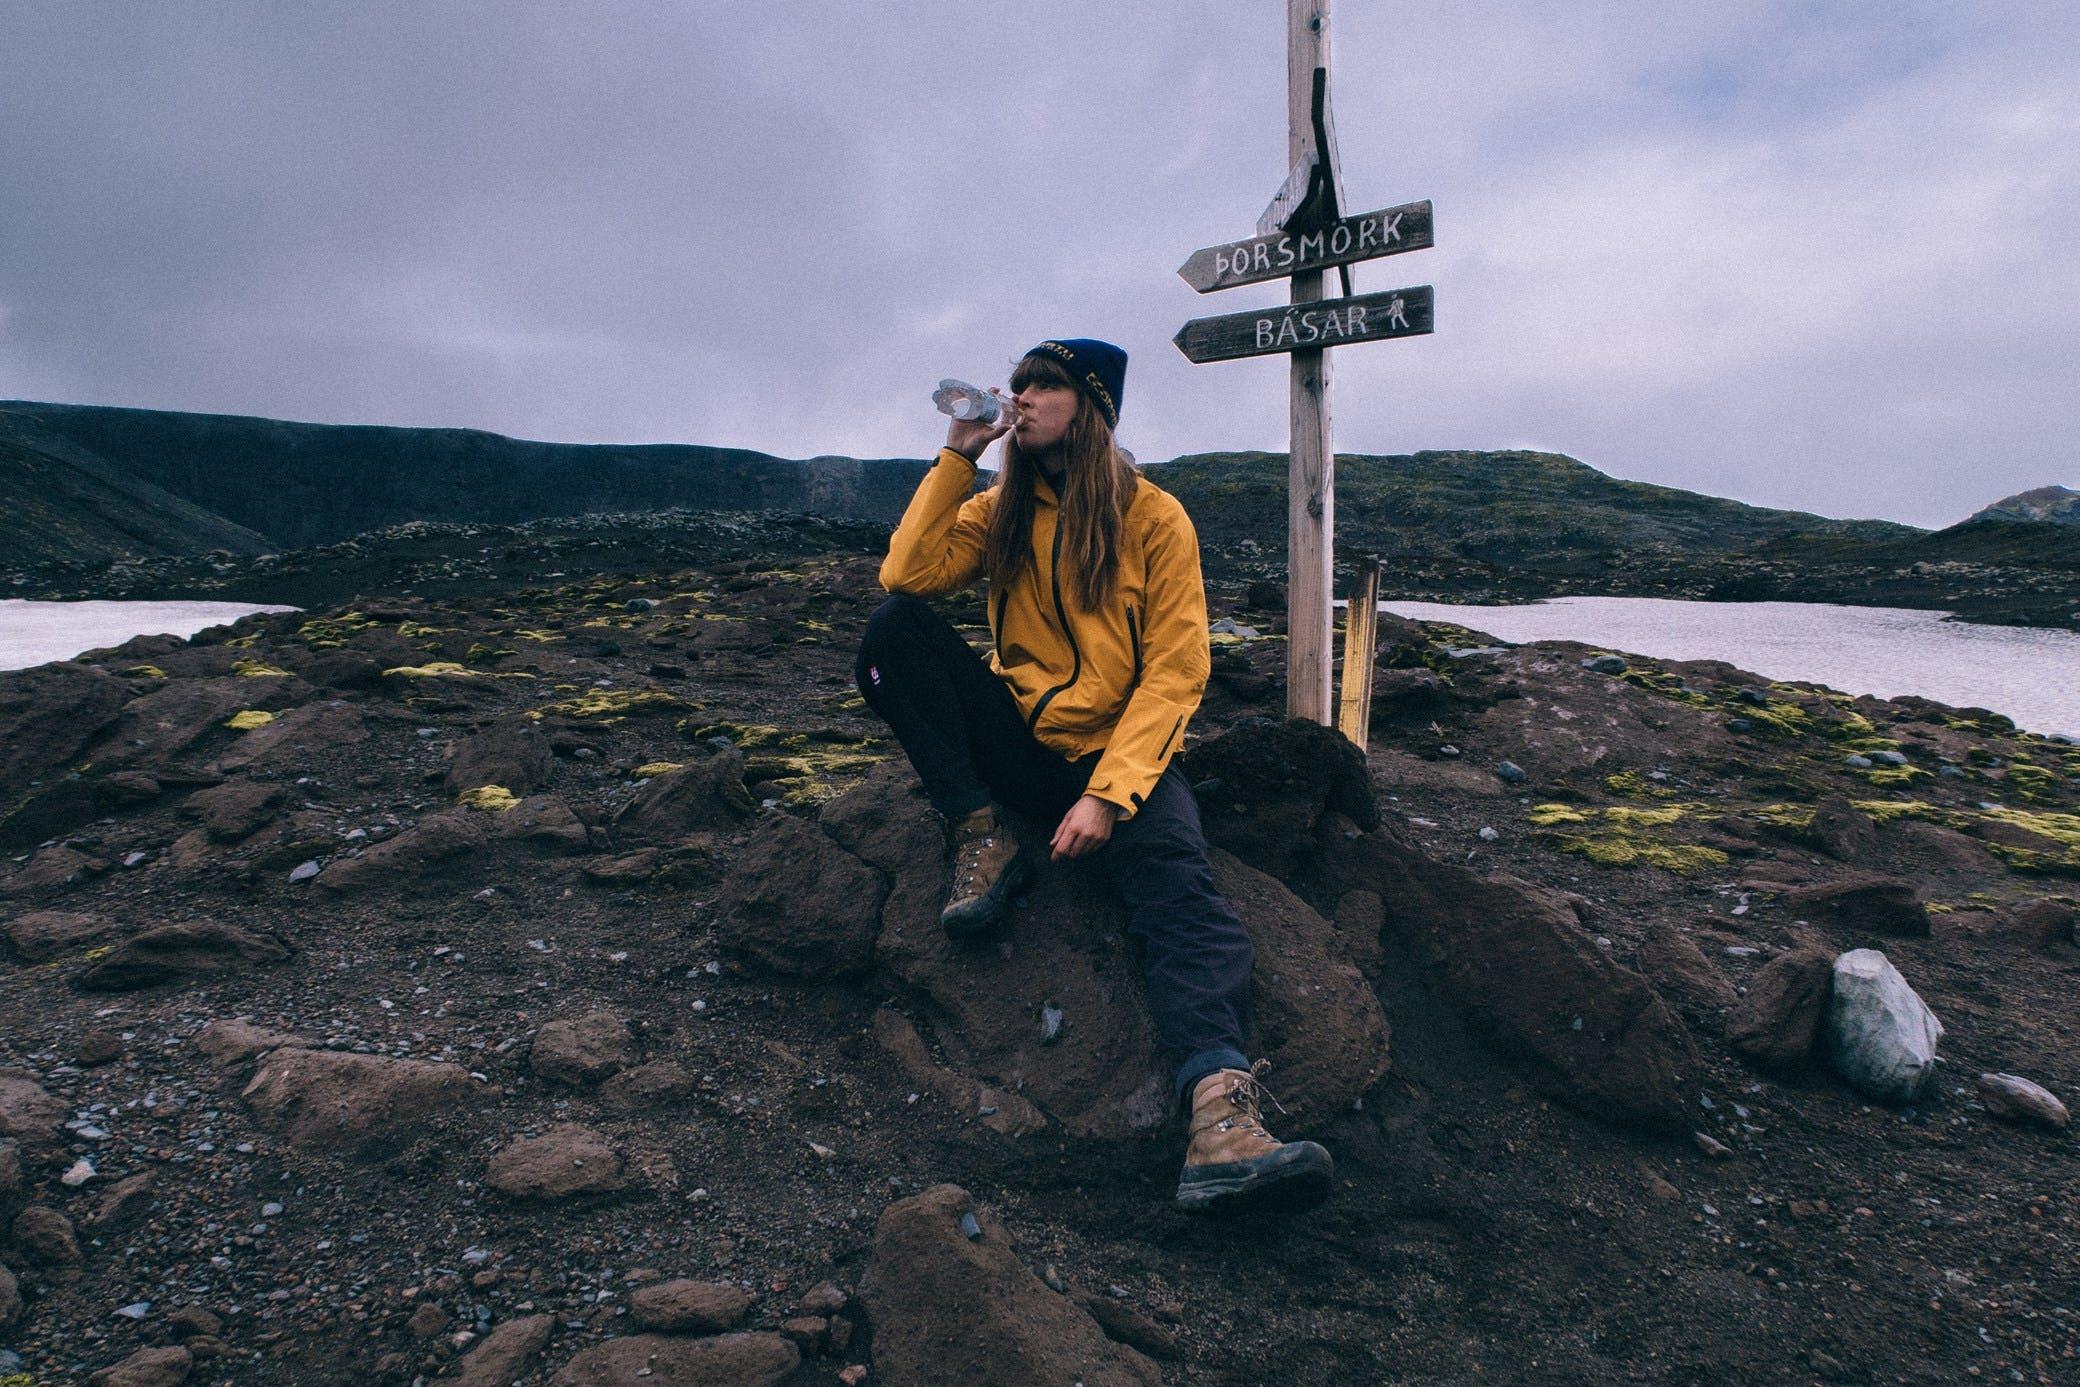 冰岛66 North户外打扮